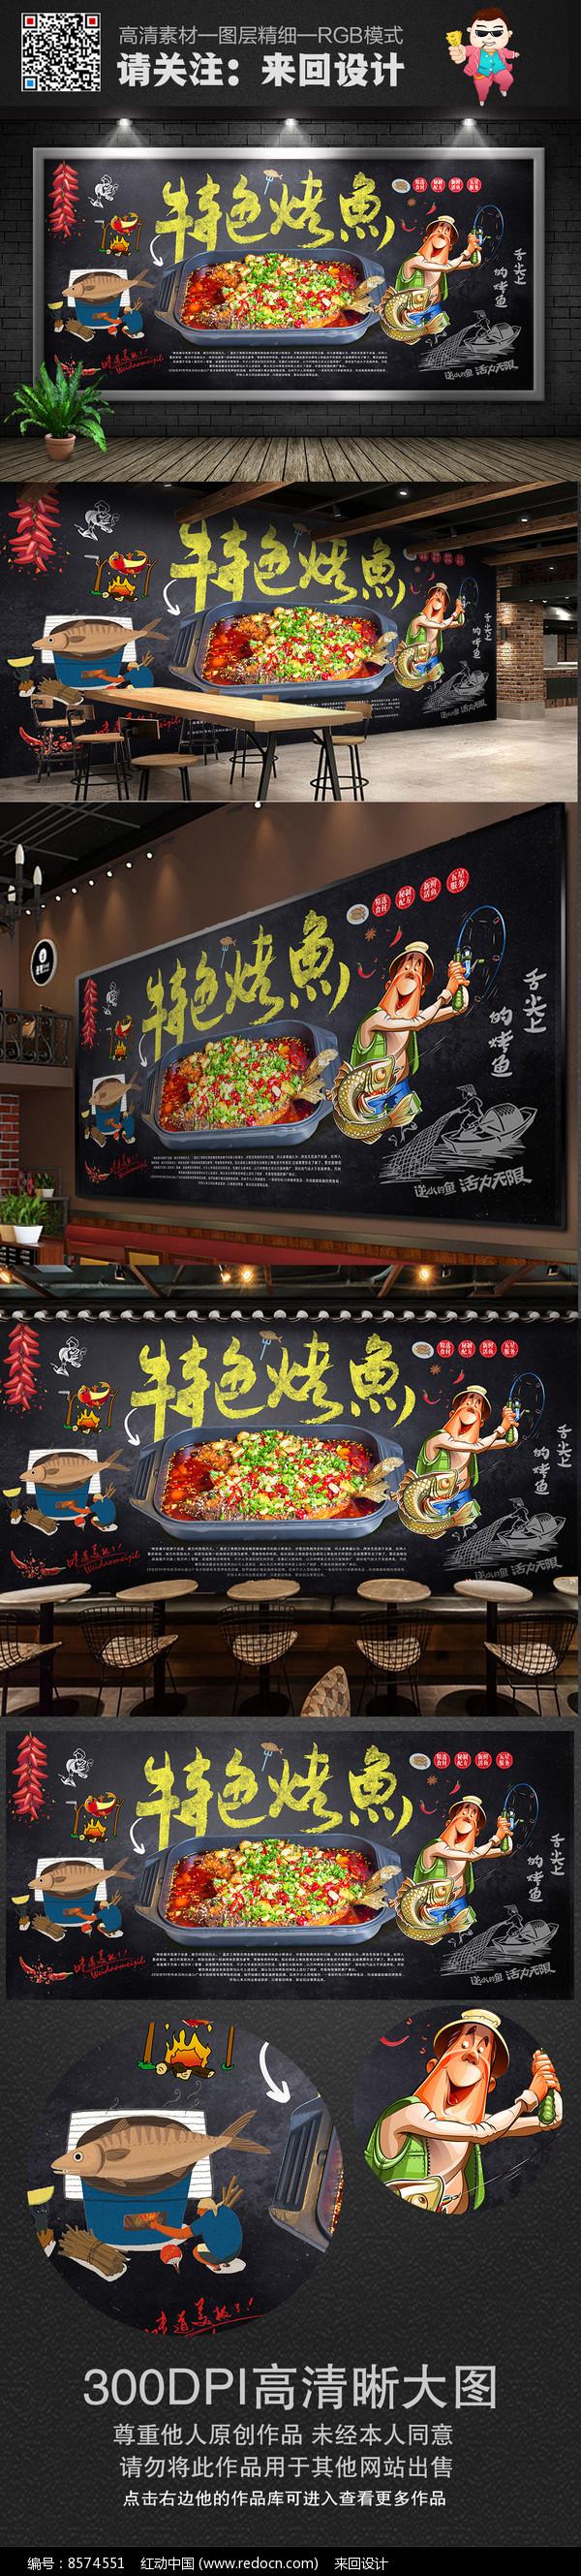 特色烤鱼店背景墙宣传展板图片